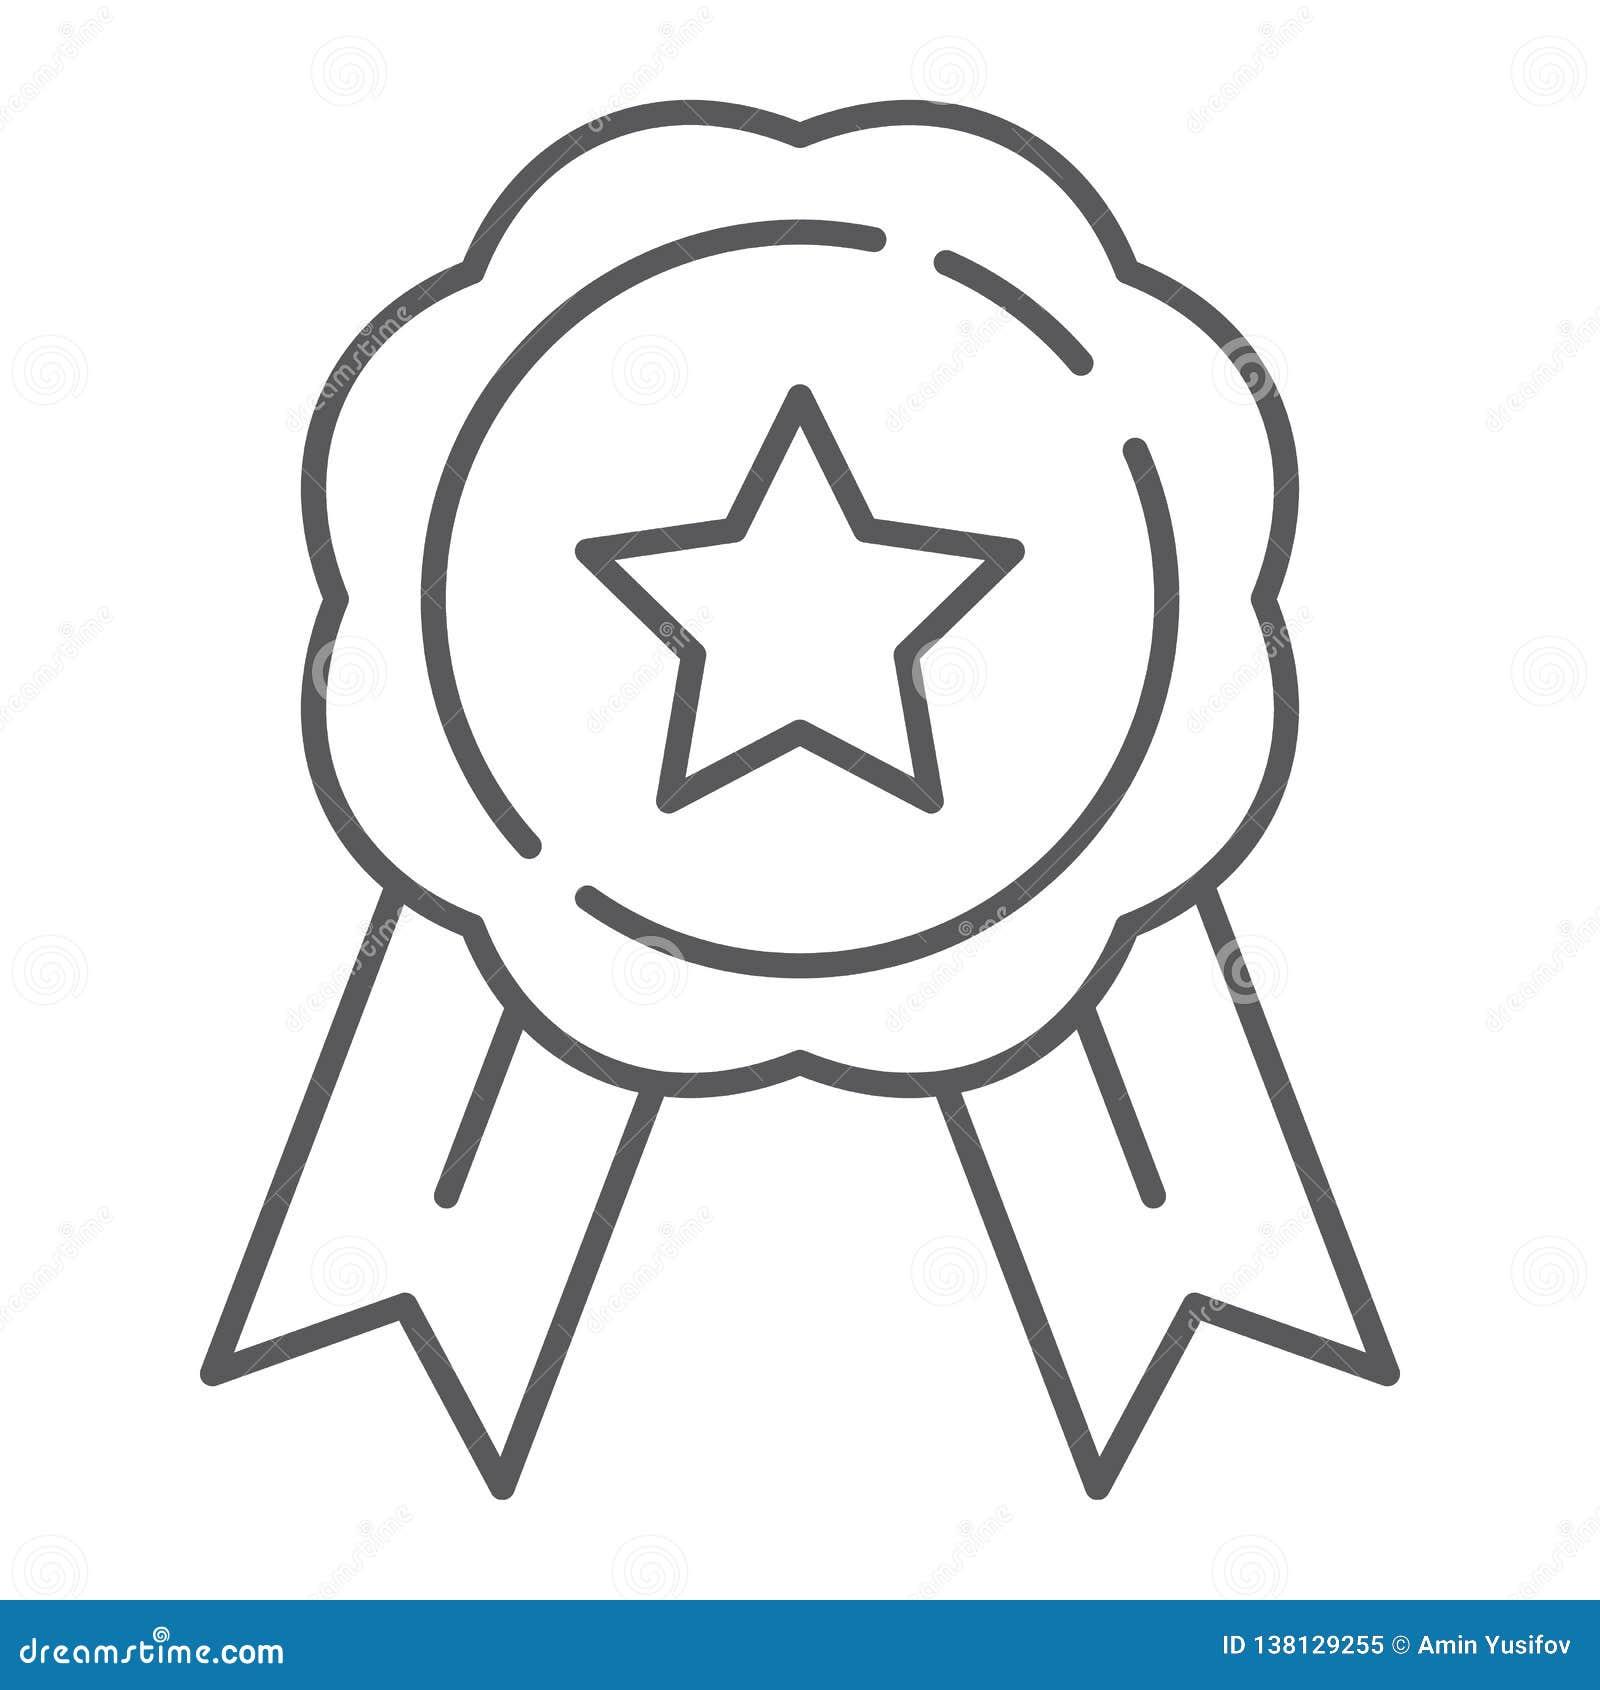 Medal cienka kreskowa ikona, nagroda i osiągnięcie, odznaka znak, wektorowe grafika, liniowy wzór na białym tle